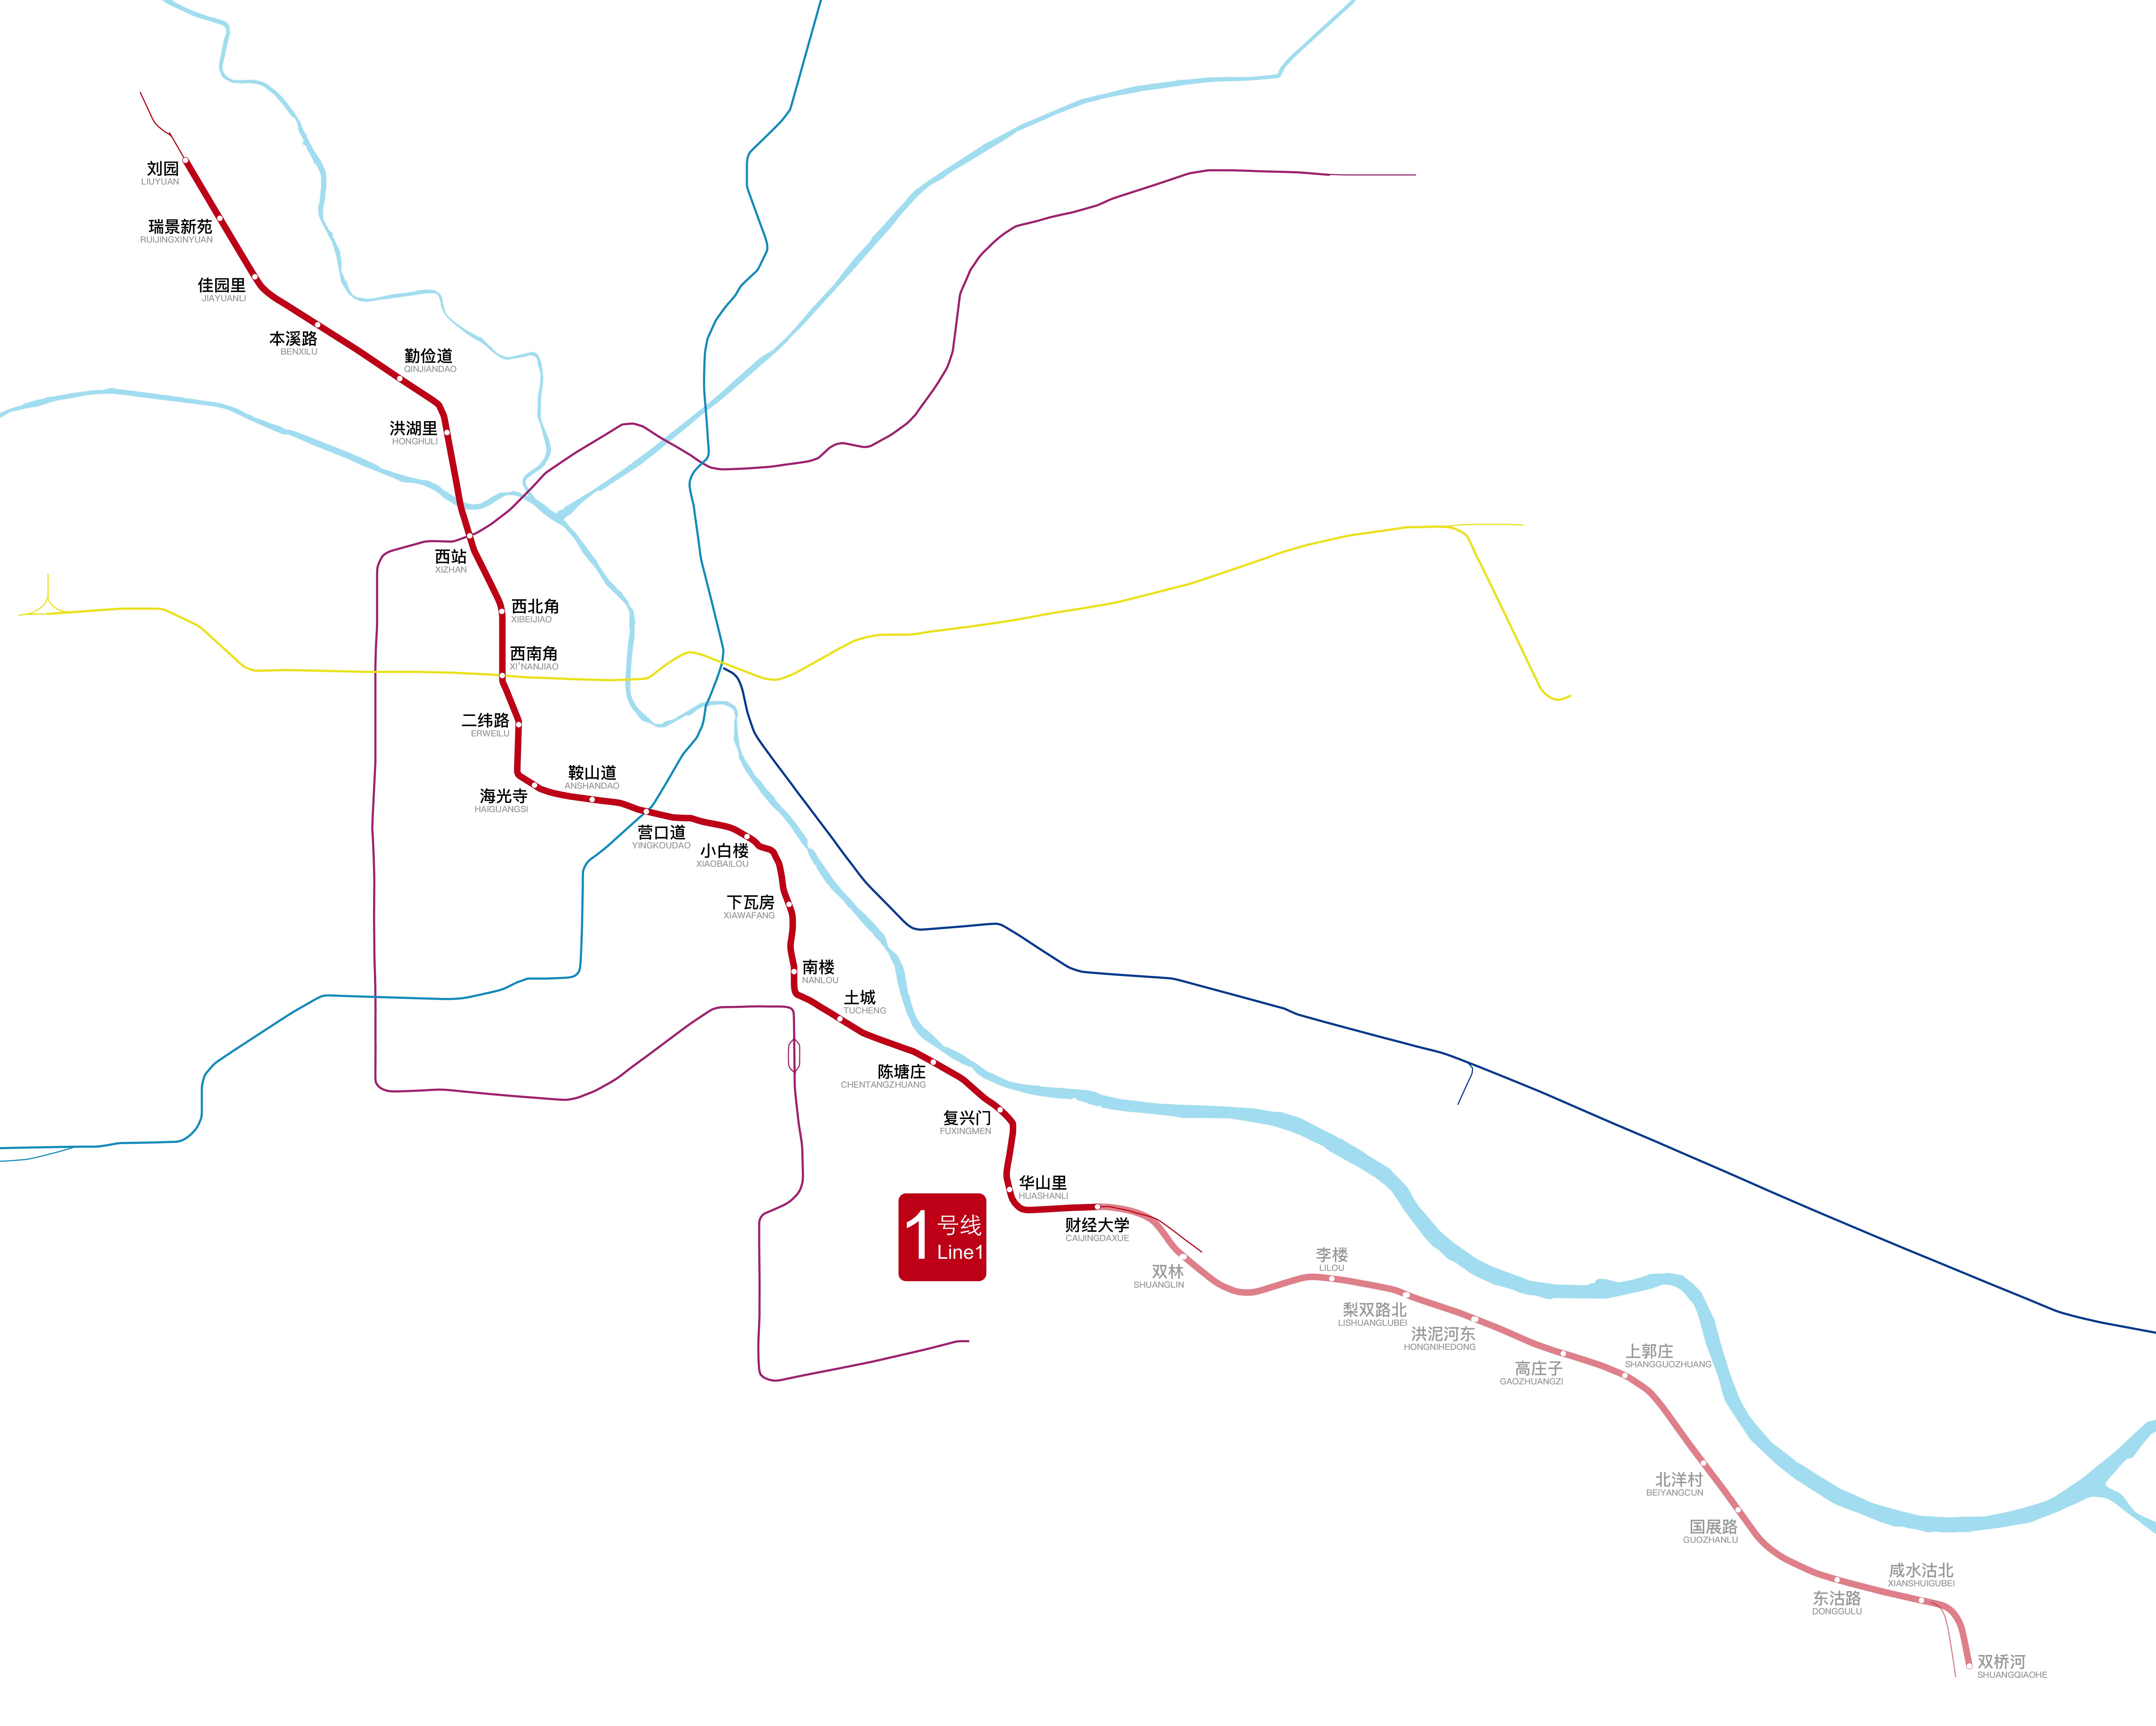 Tianjin Subway Map.File Tianjin Metro Map Line1 201806 Png Wikimedia Commons